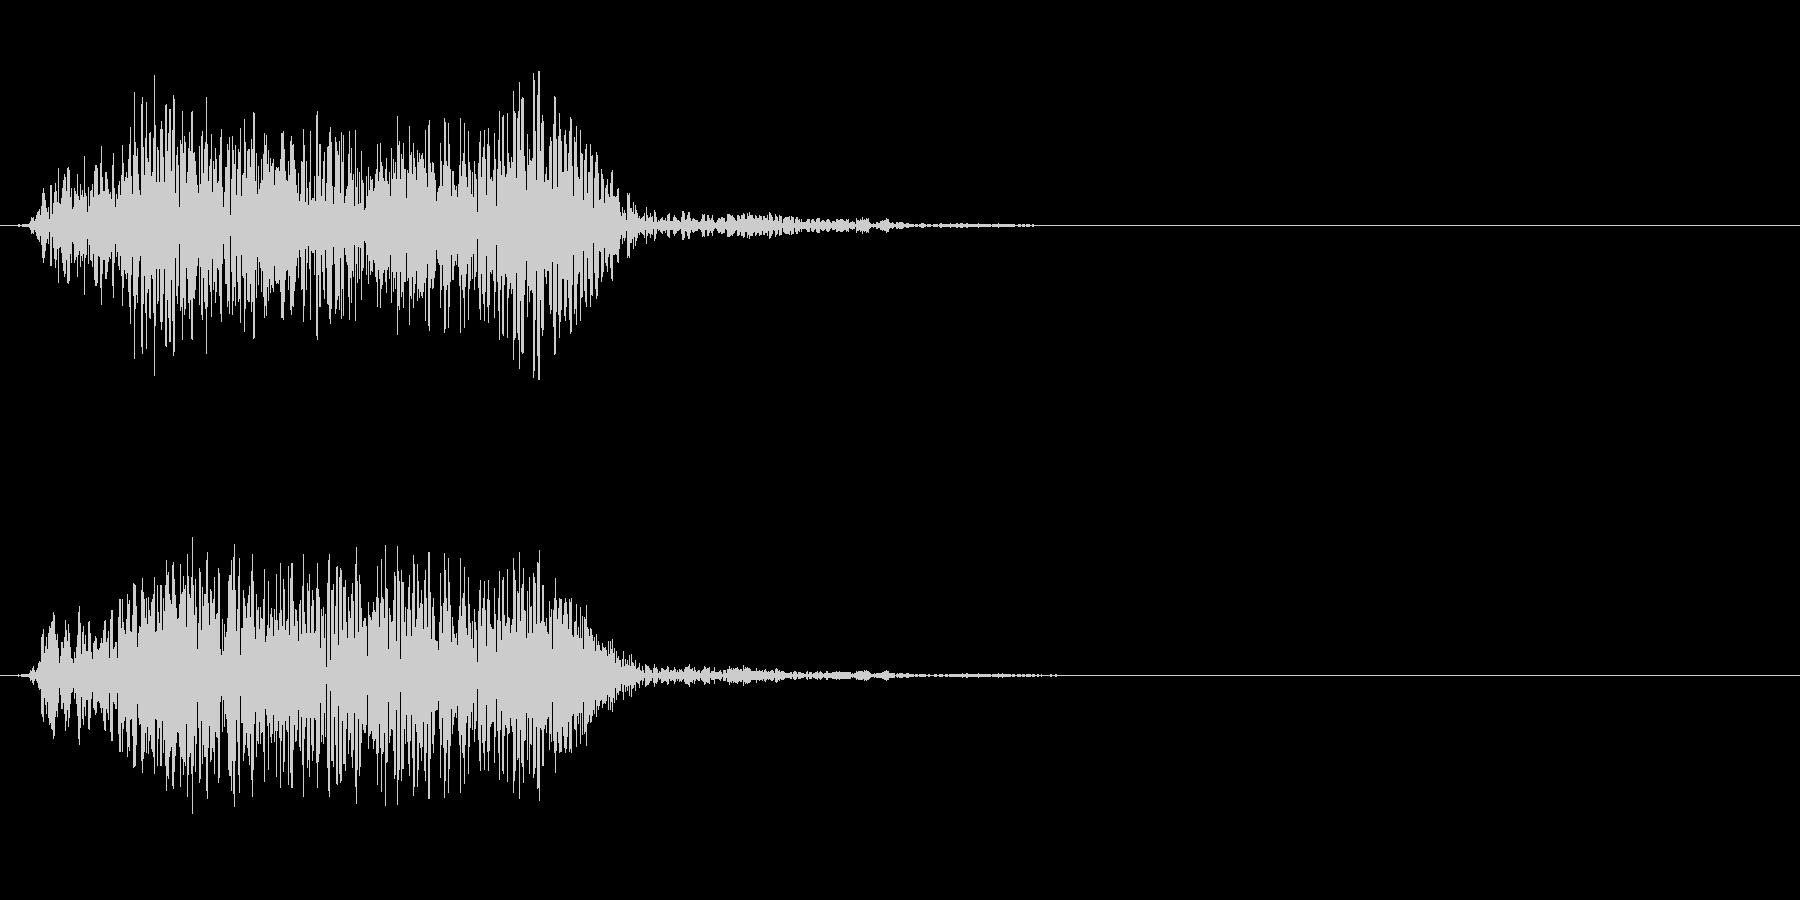 SFでの移動系効果音(ワープなどに)の未再生の波形